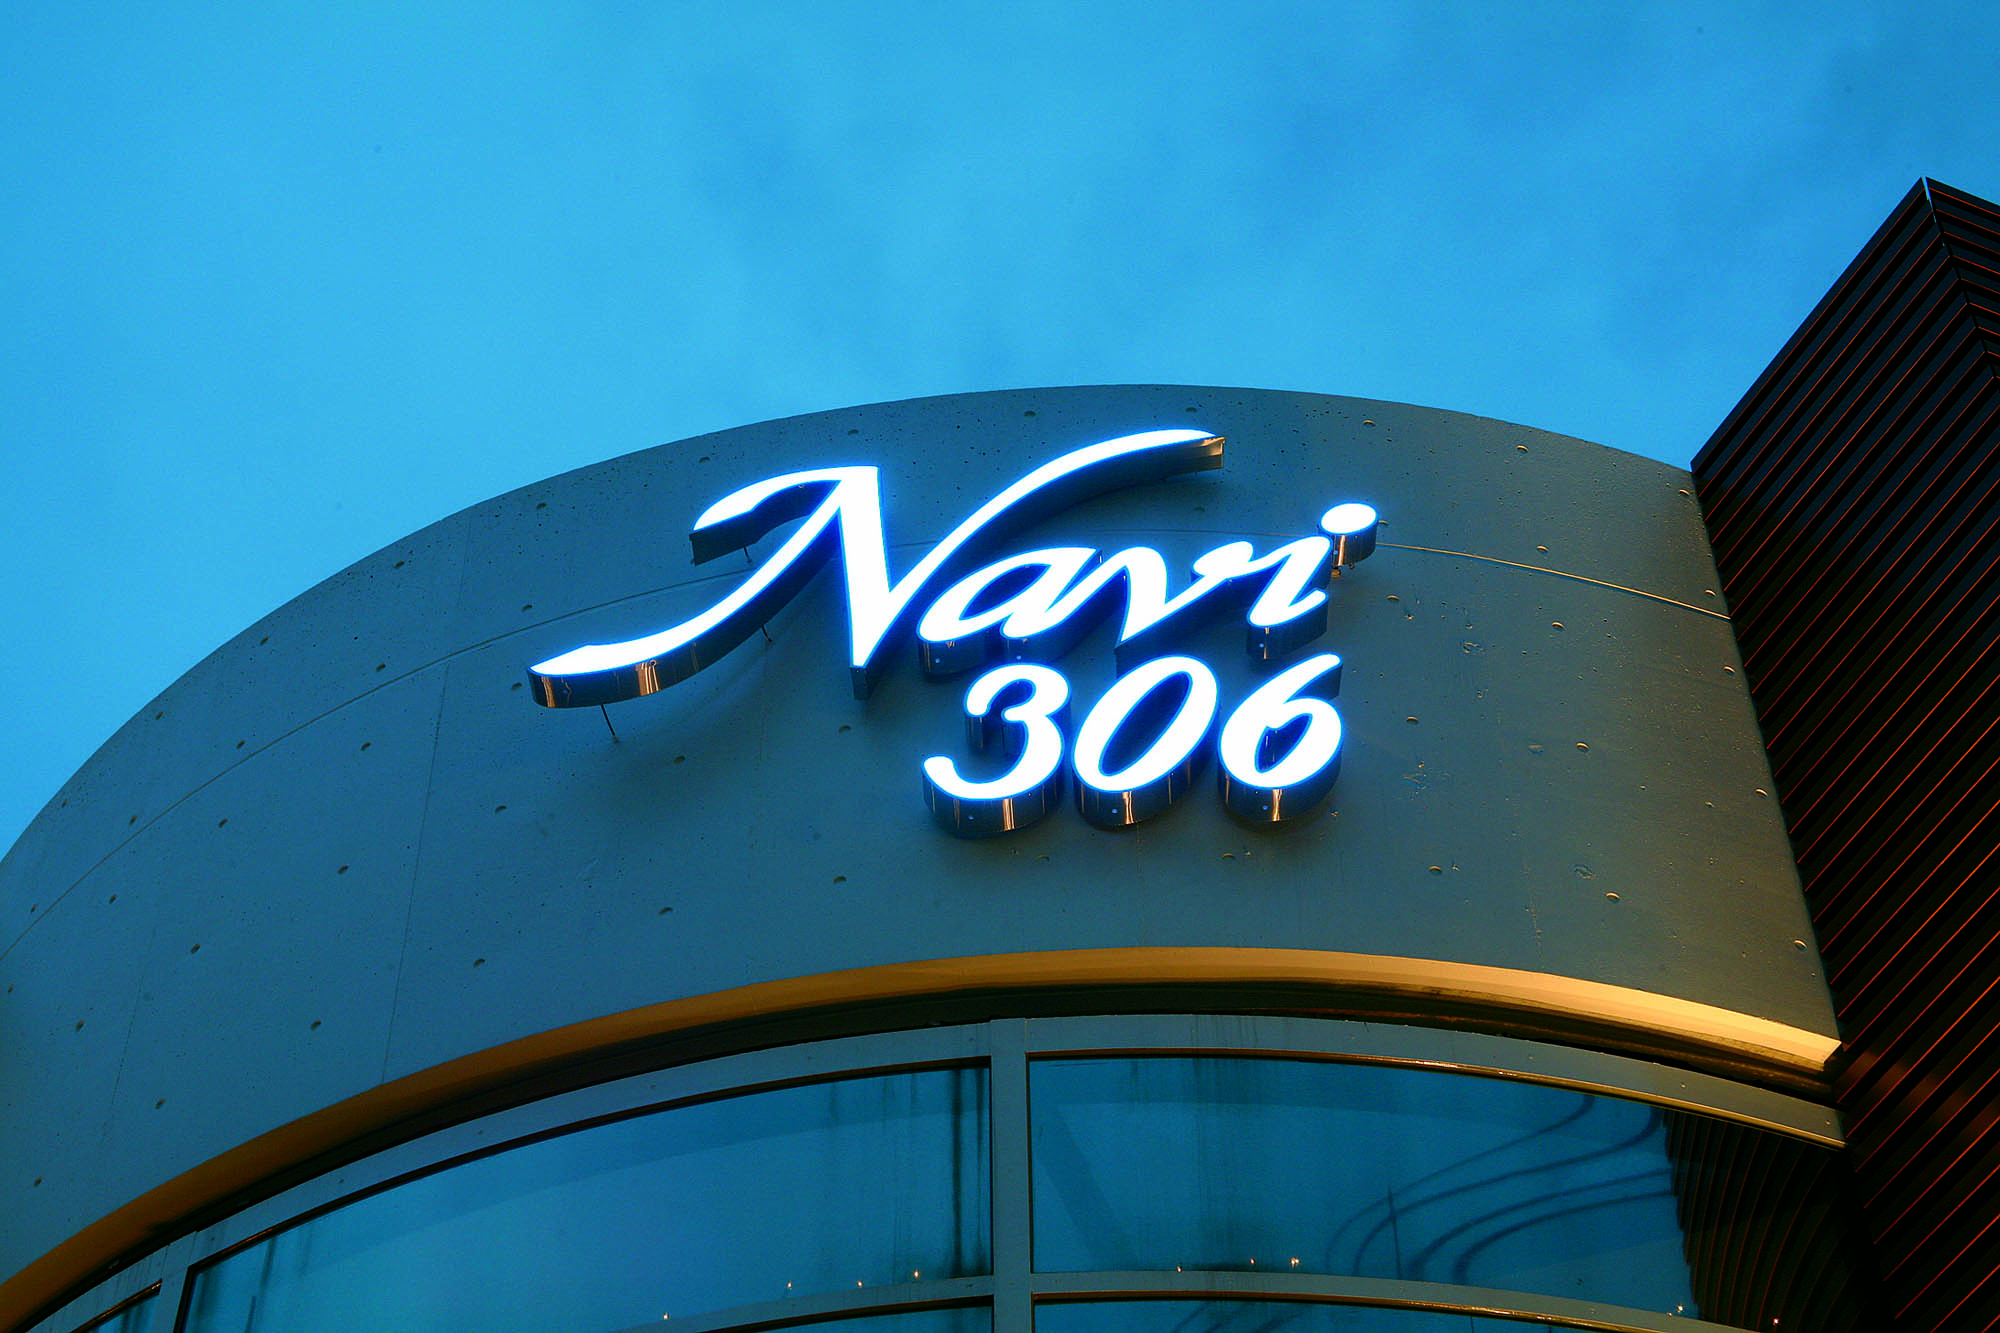 Navi306